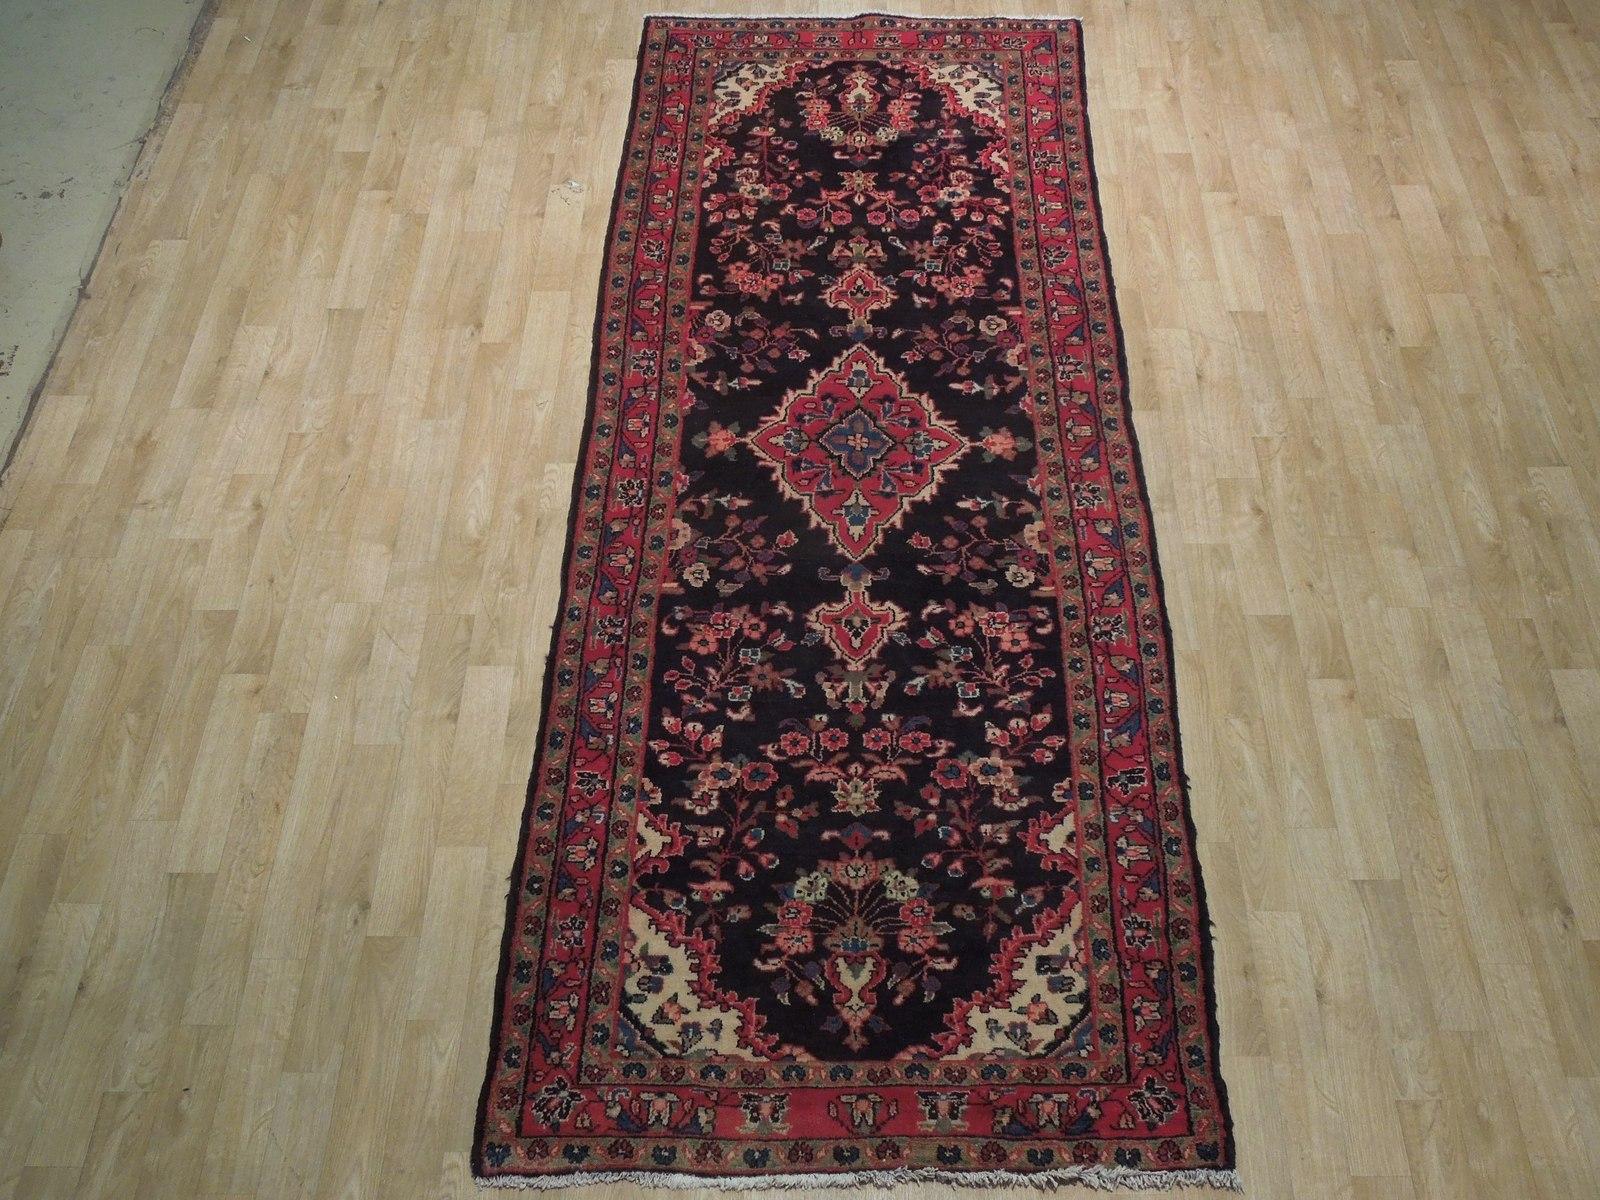 Tribal Wide Gallery Runner Persian Genuine Handmade 4x10 Black Sarouk Wool Rug image 4